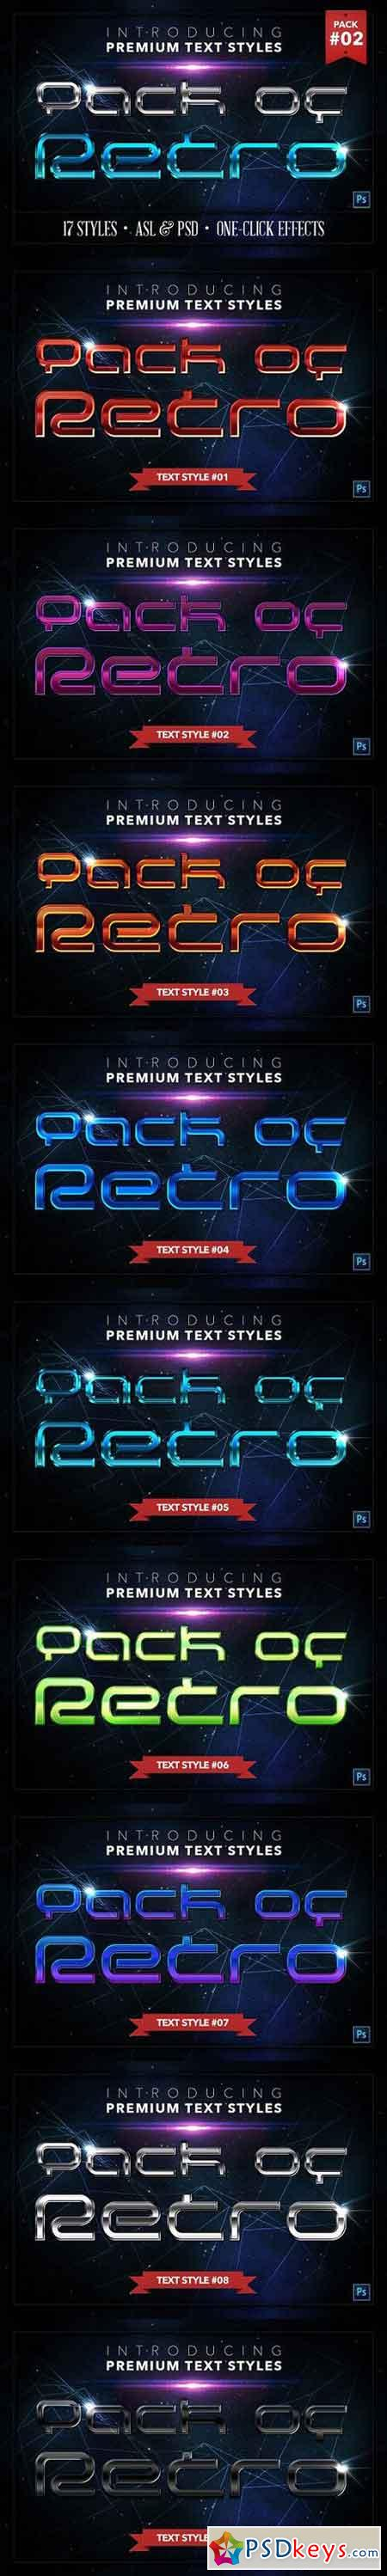 Retro #2 - 17 Text Styles 1326768